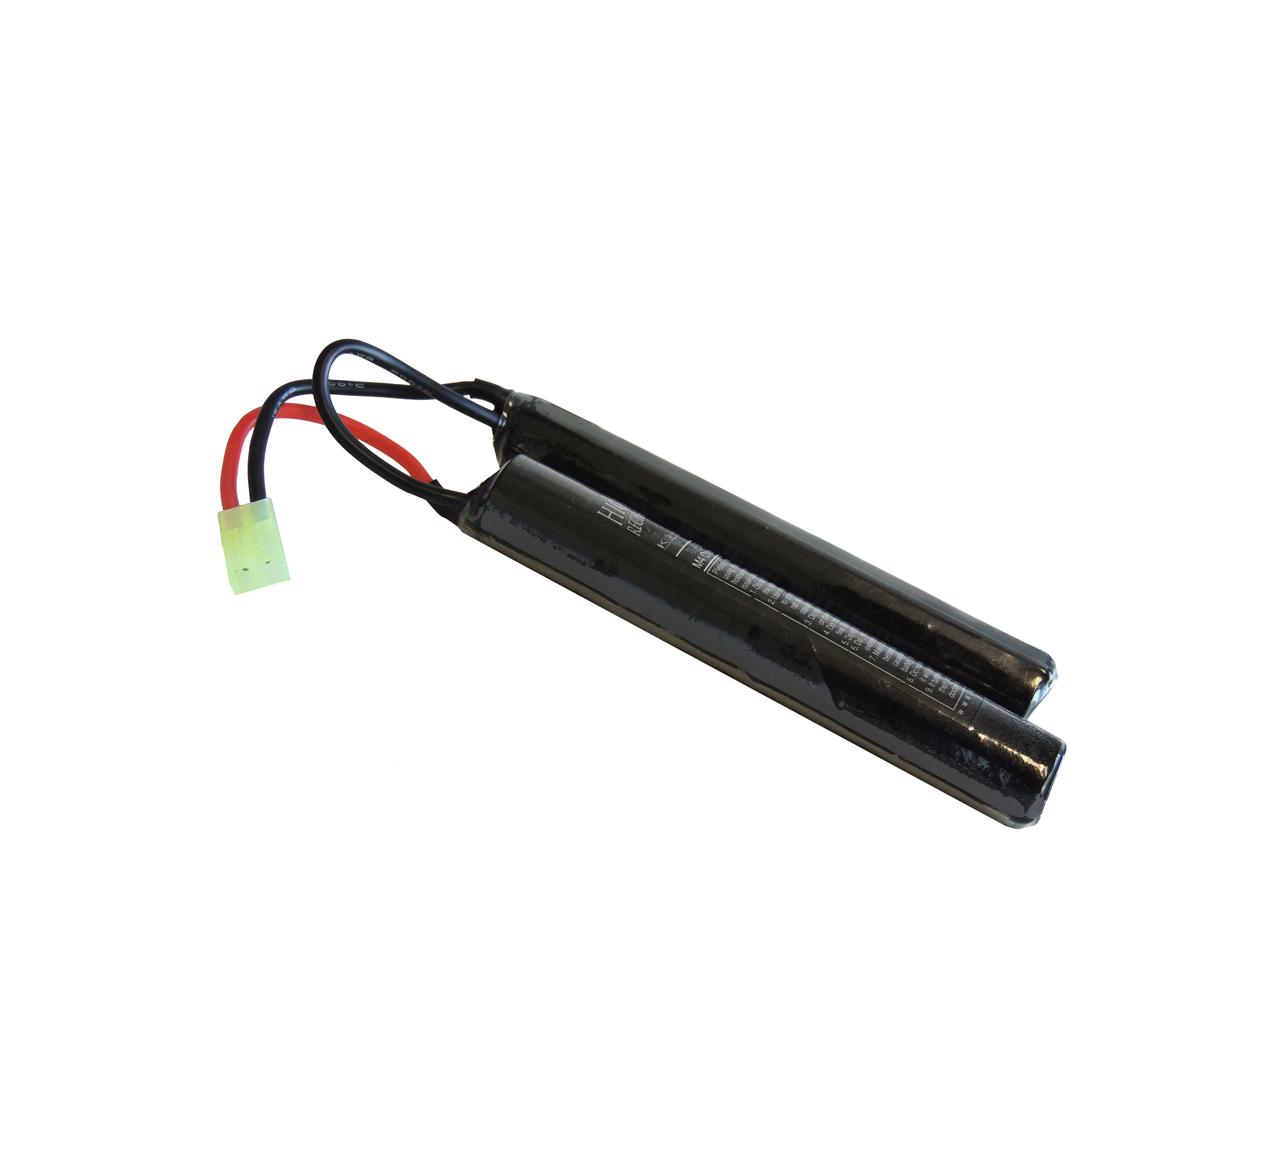 Bateria para Airsoft 9,6V - 1200mAh - ActionX Airsoft d94b301931